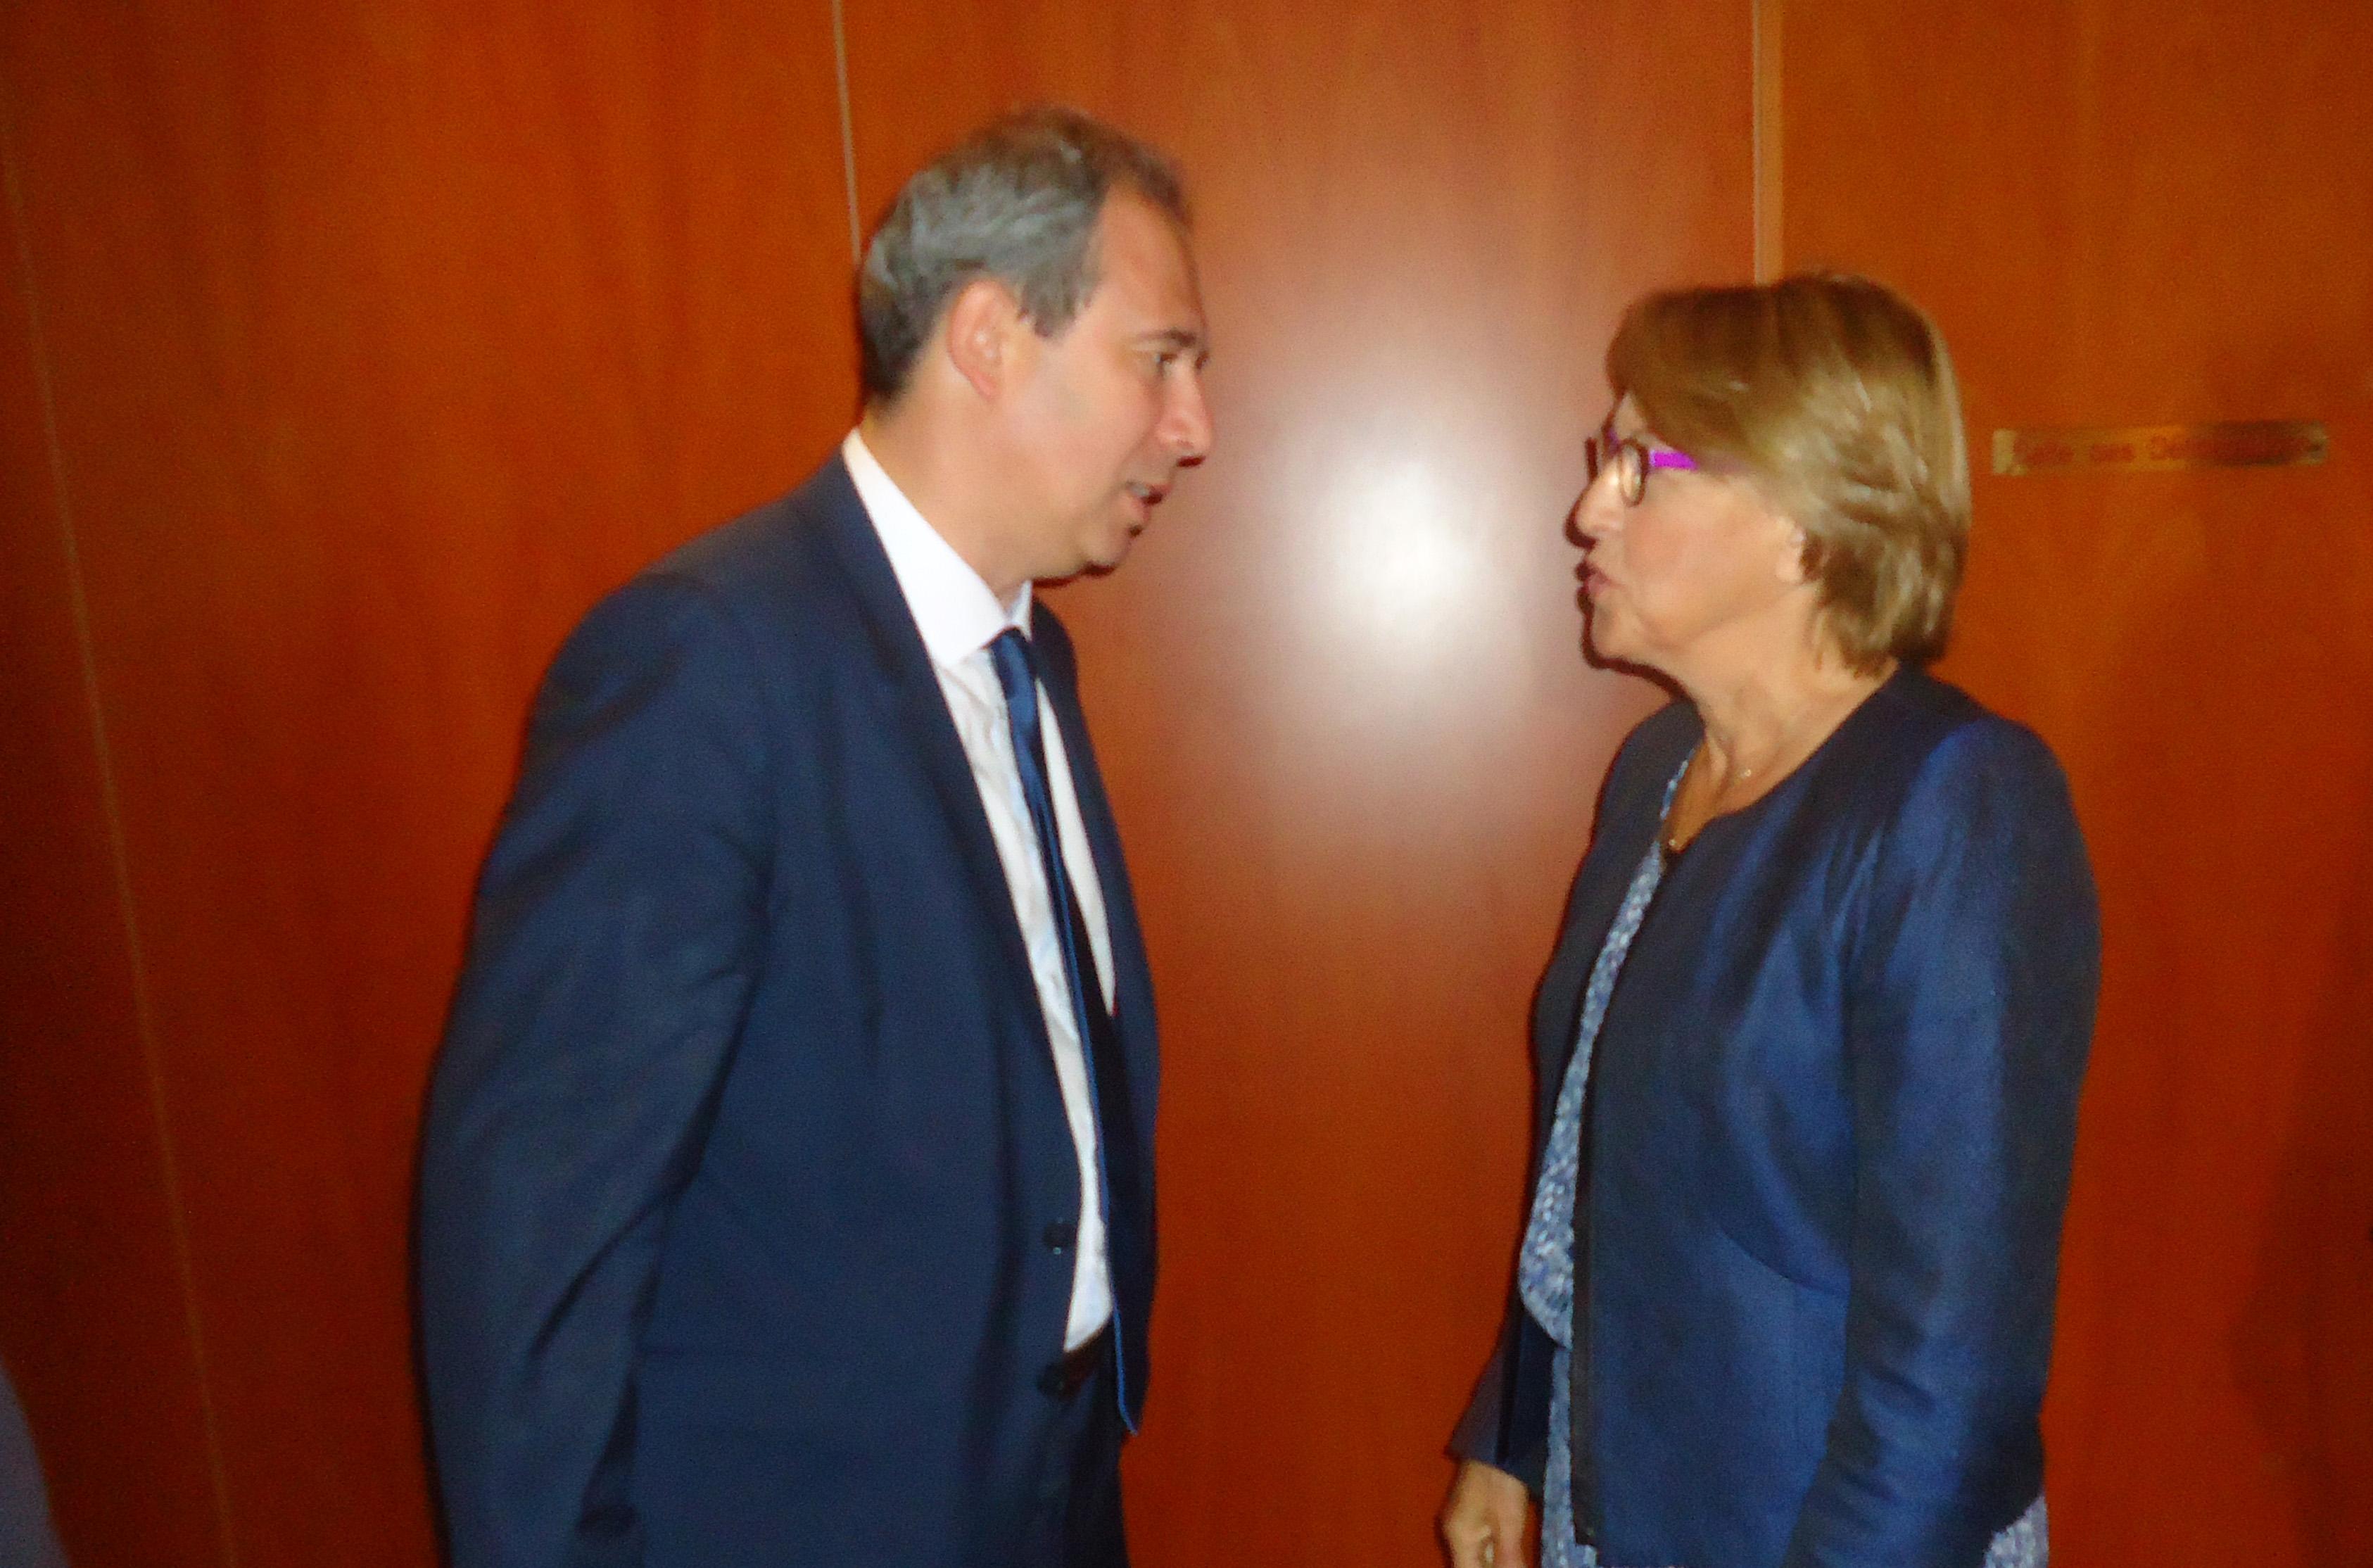 Rencontre avec la ministre Marilyse Lebranchu en visite dans l'île